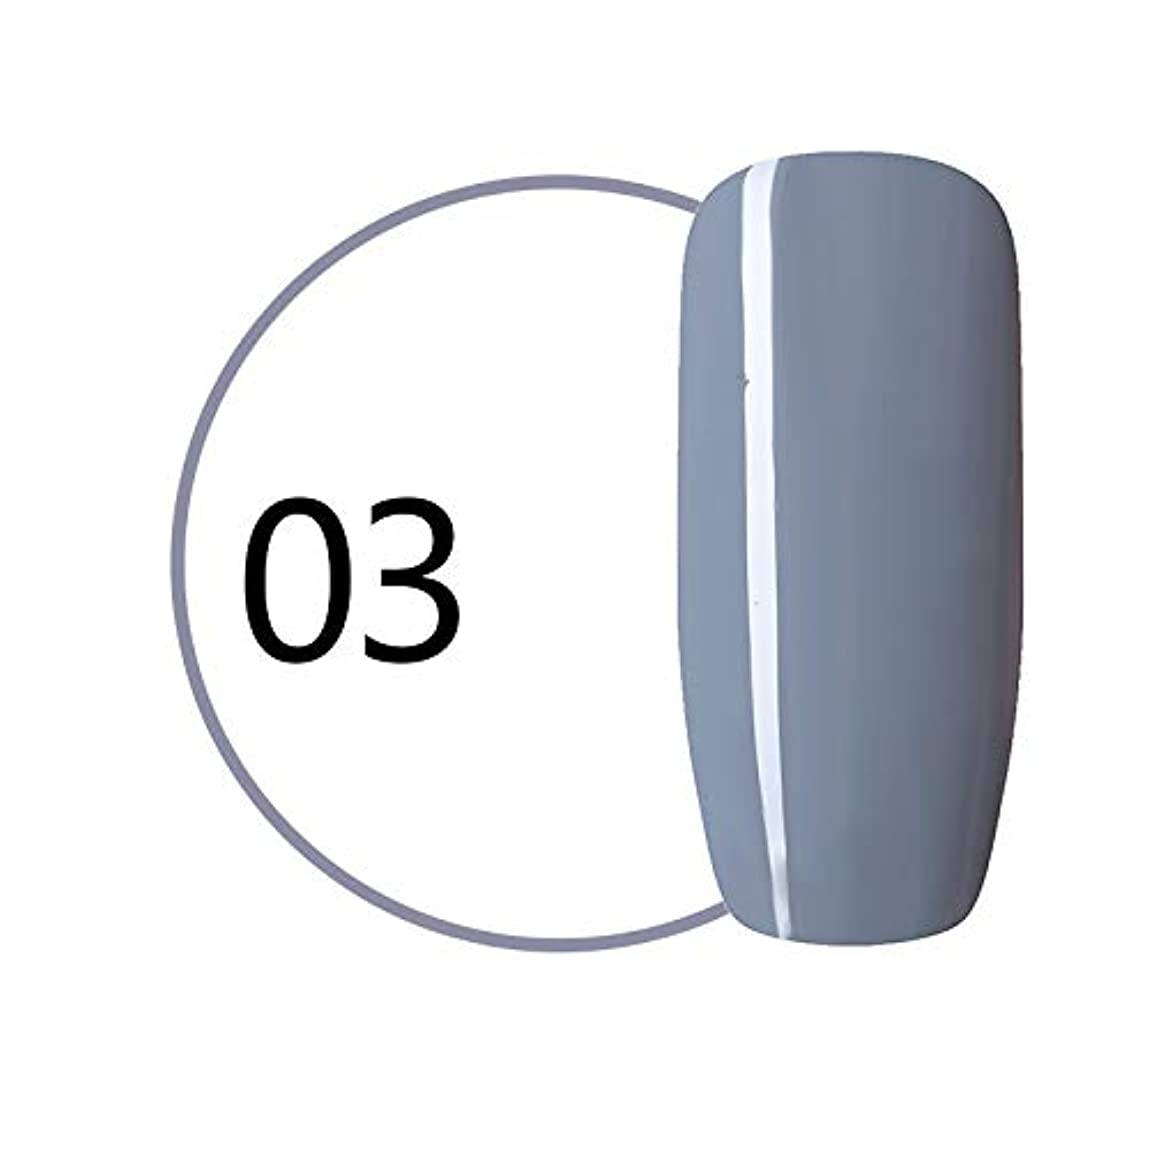 フルーツ正確に汚染されたSymboat マニキュア ソークオフ UV LED ネイルジェルポリッシュ ワイングレーシリーズ ネイル用品 女優 人気 初心者にも対応 安全 無毒